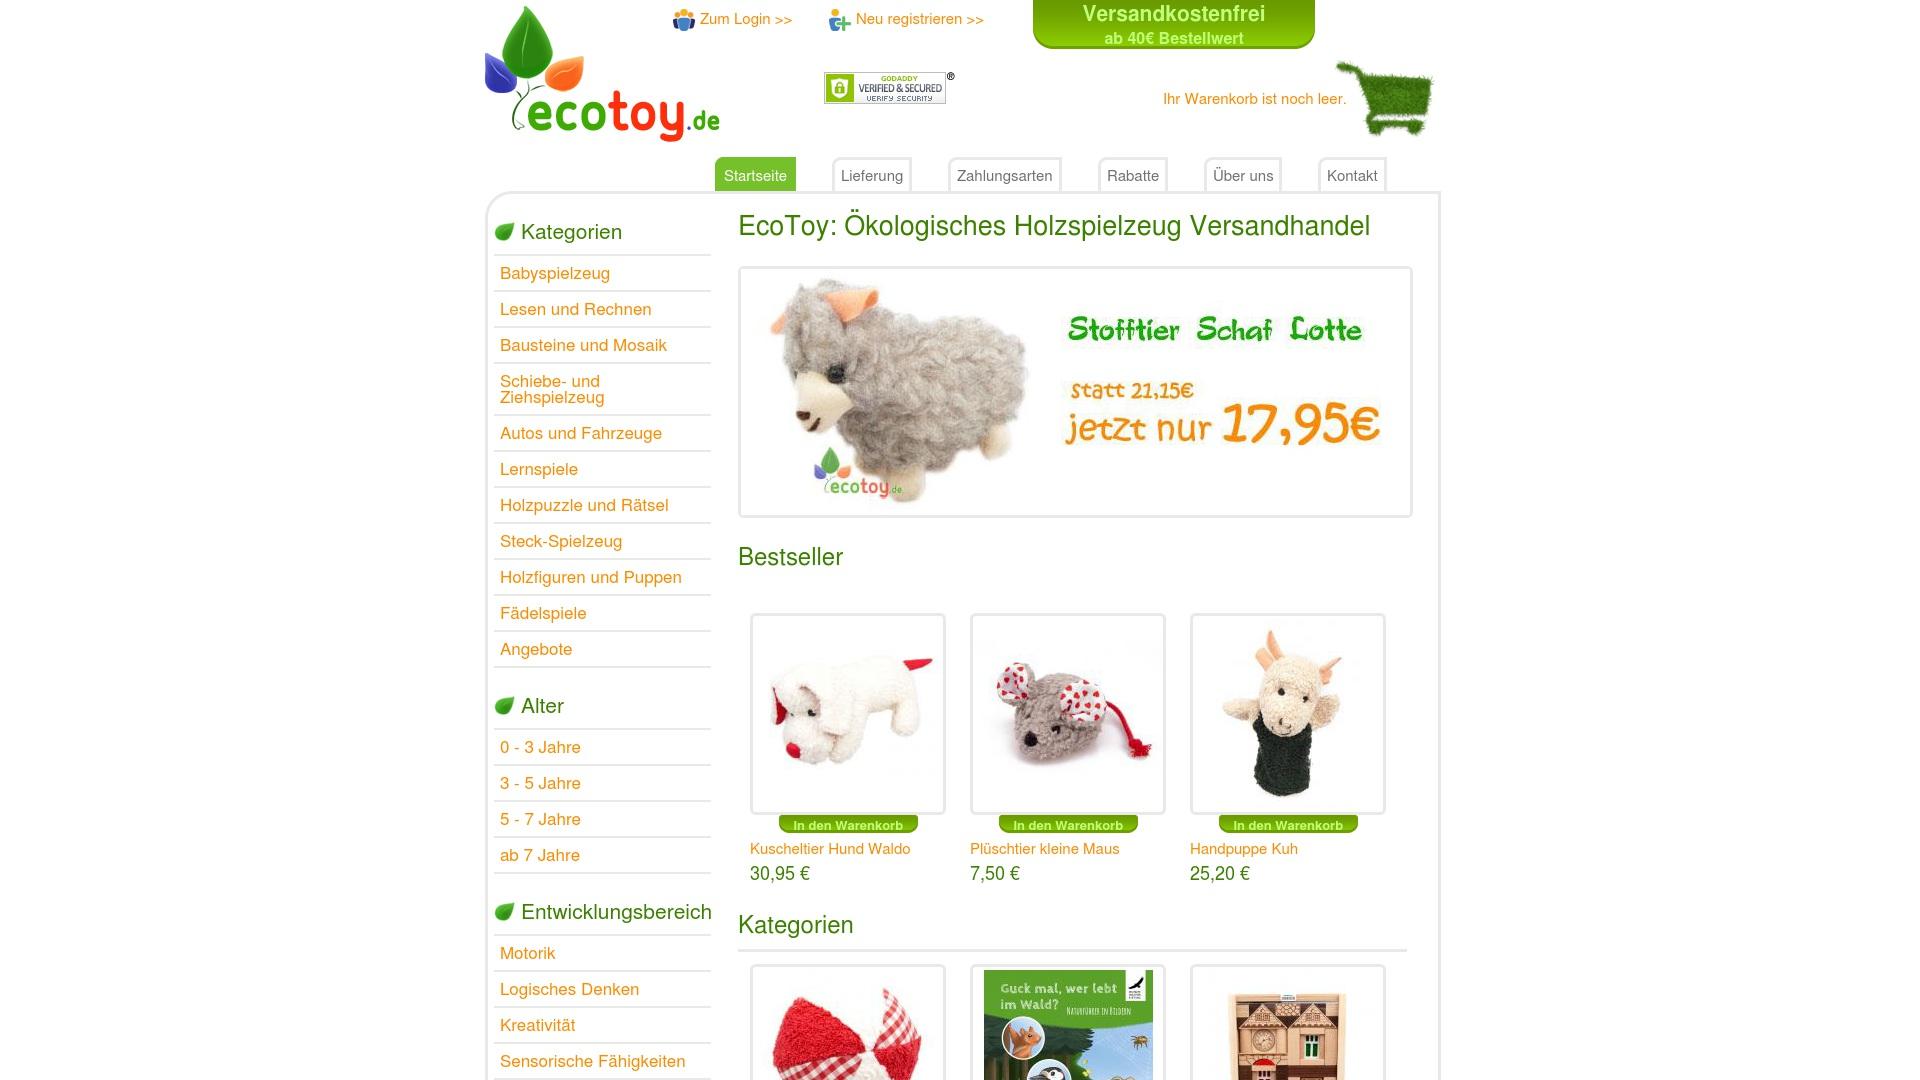 Gutschein für Ecotoy: Rabatte für  Ecotoy sichern